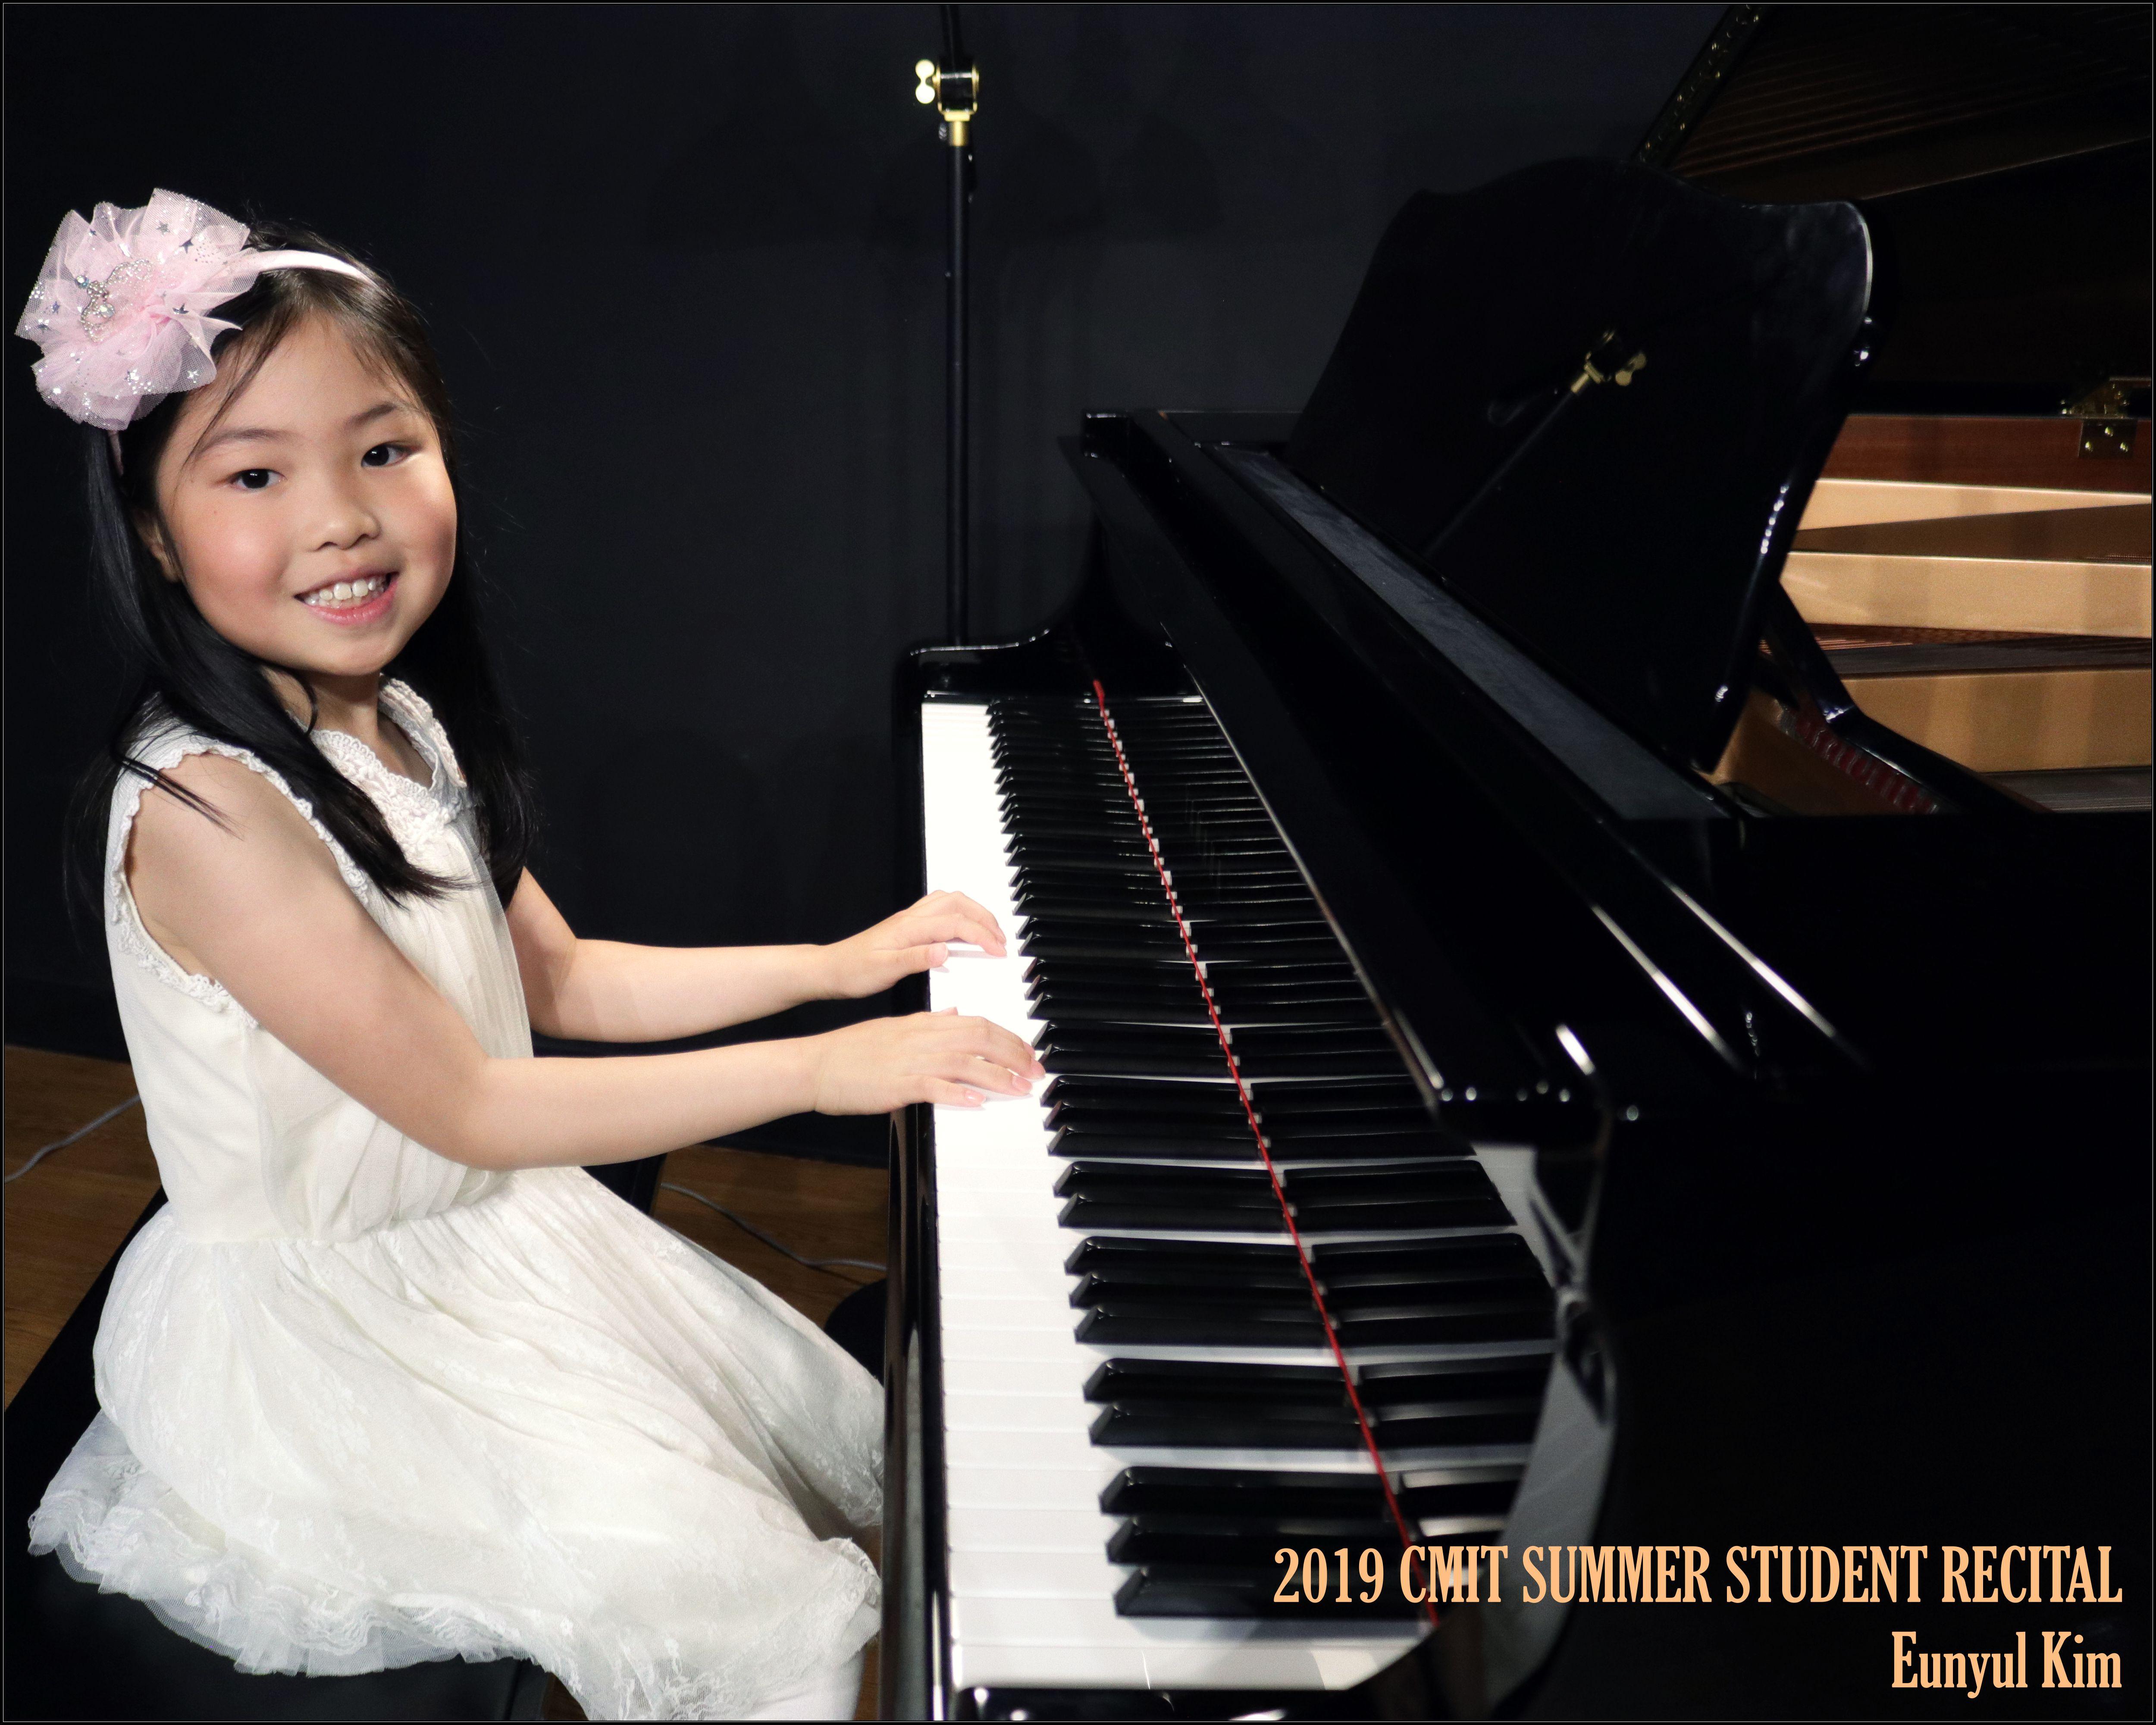 15 Eunyul Kim